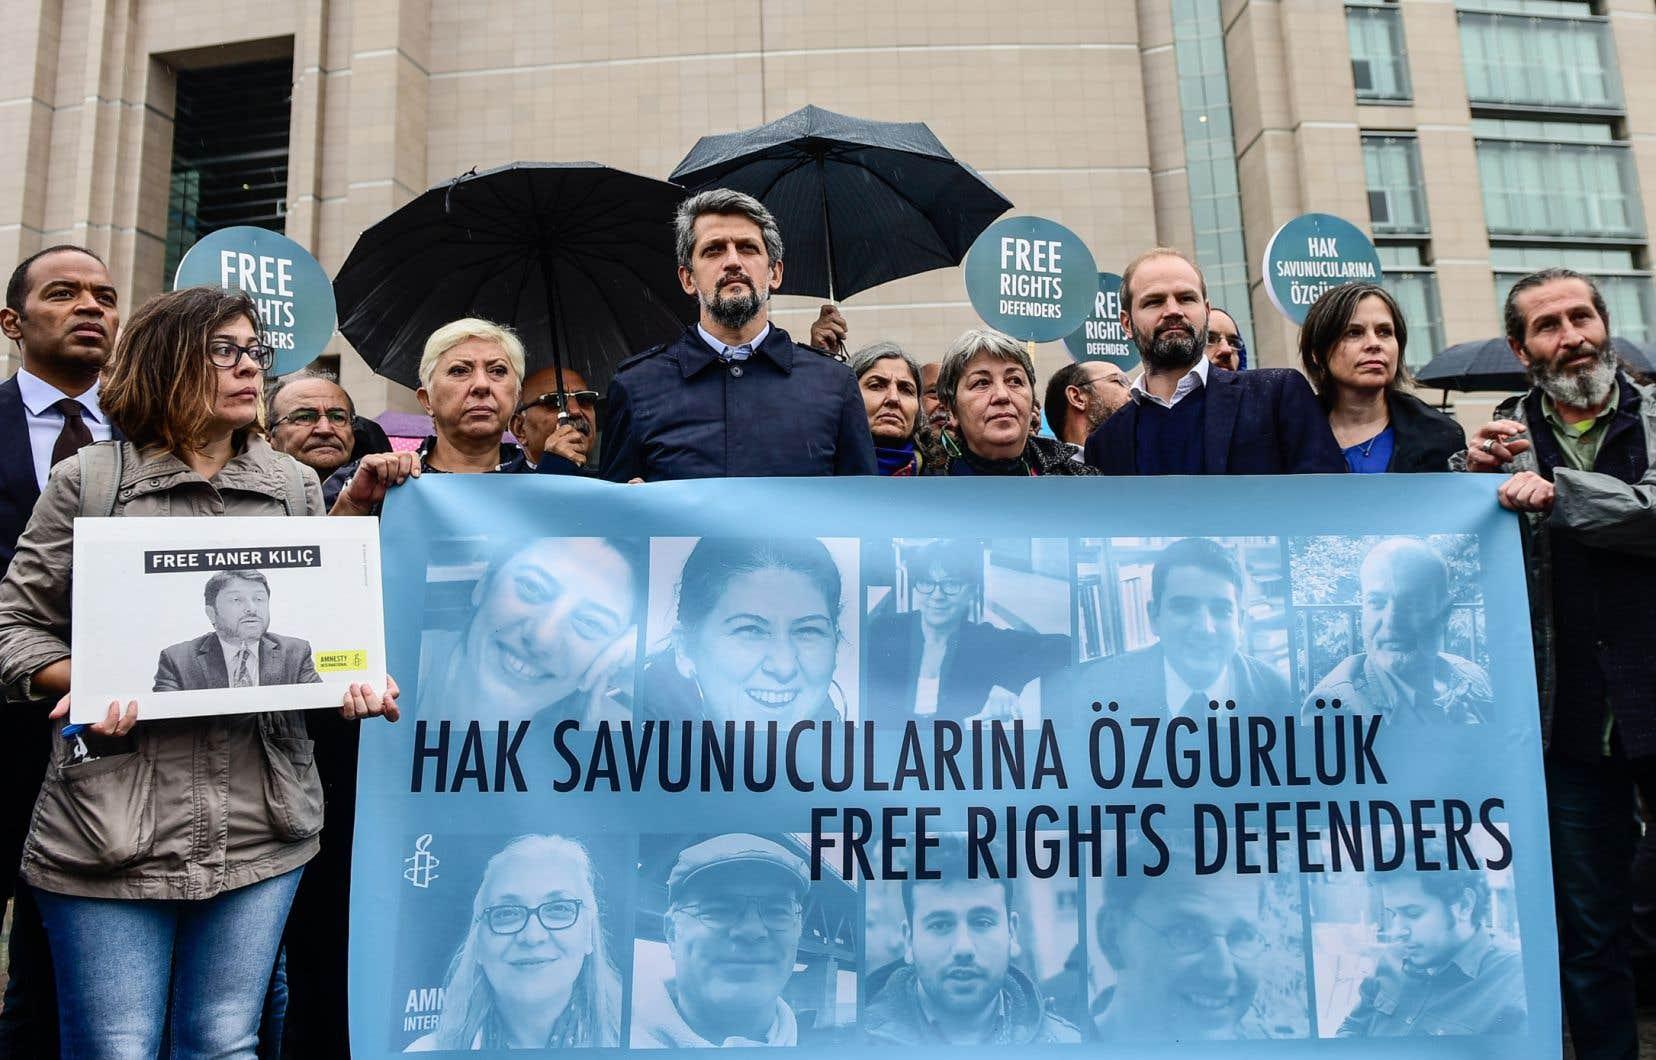 Des manifestants s'étaient joints au directeur d'Amnesty International Europe, John Dalhuisen(troisième à partir de la gauche), pour réclamer la libération des militants emprisonnés, mercredi, à Istanbul.